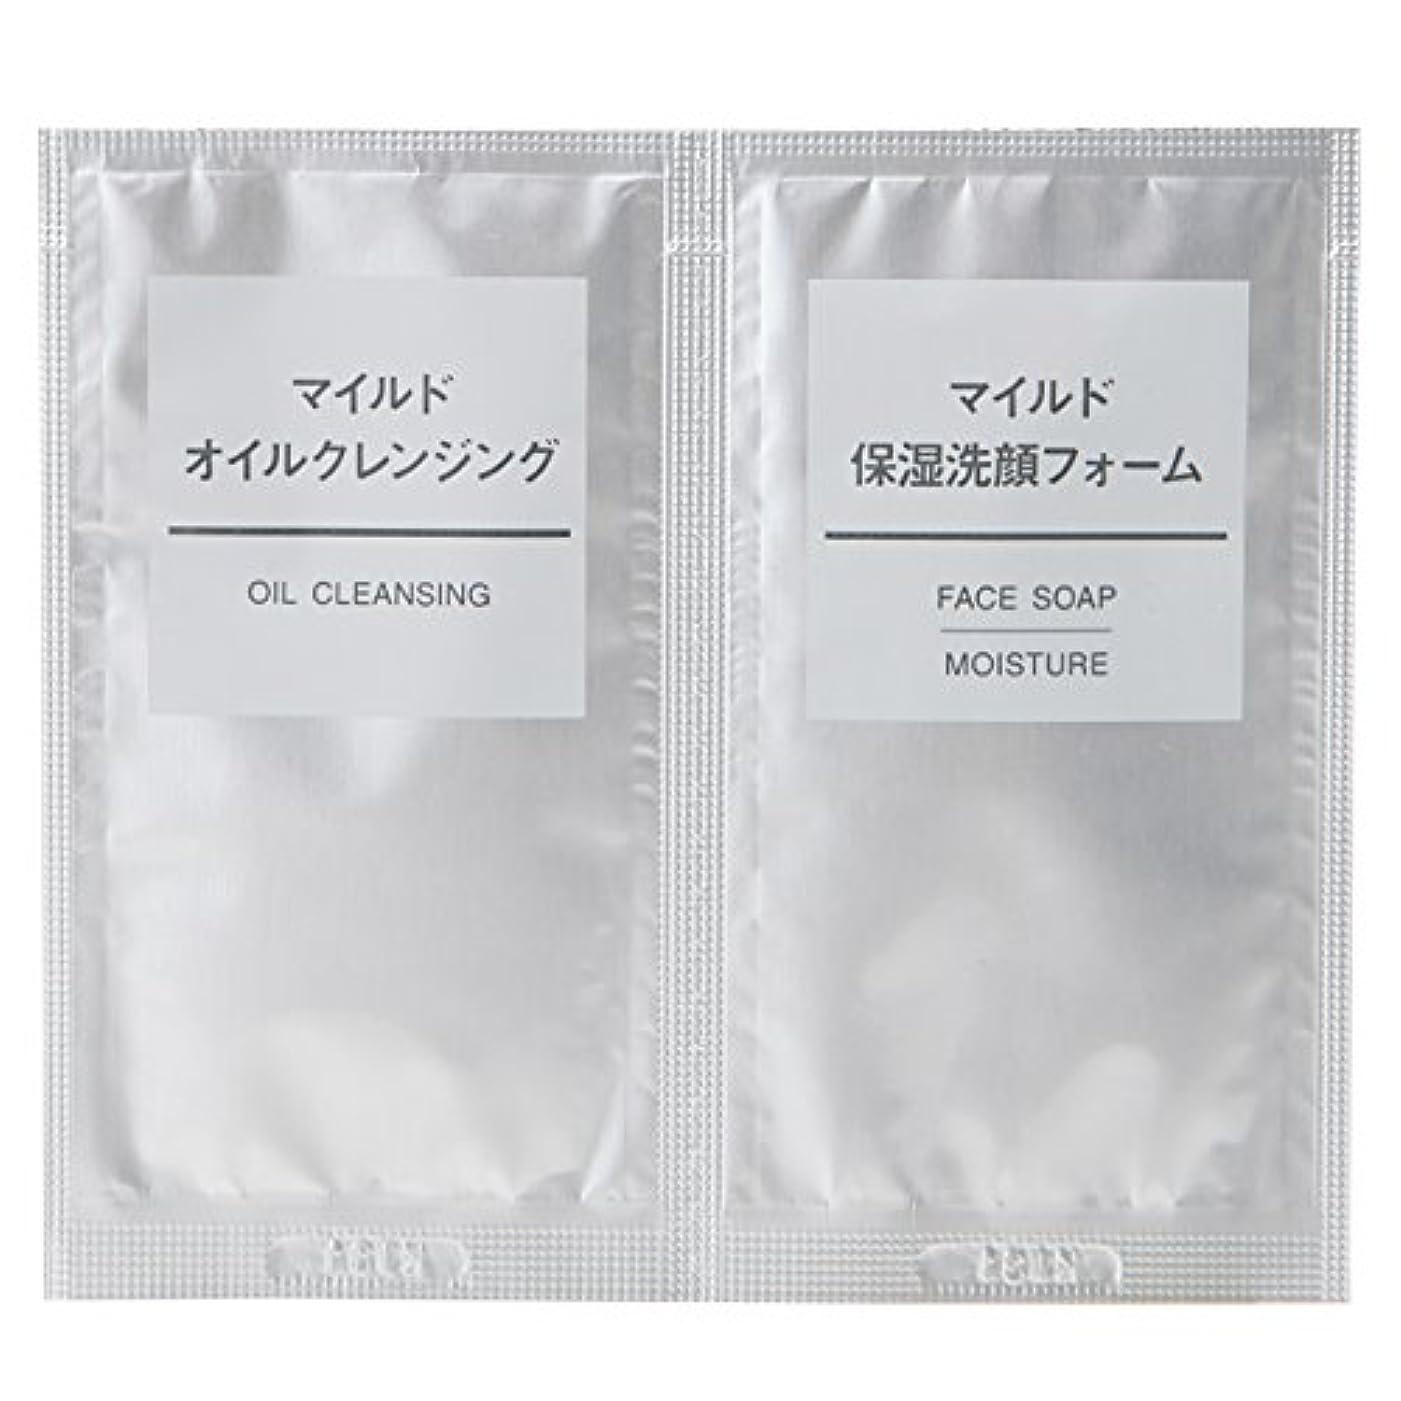 大事にする専らむき出し無印良品 マイルドオイルクレンジング?マイルド保湿洗顔フォームセット 3ml?3g(1回分)